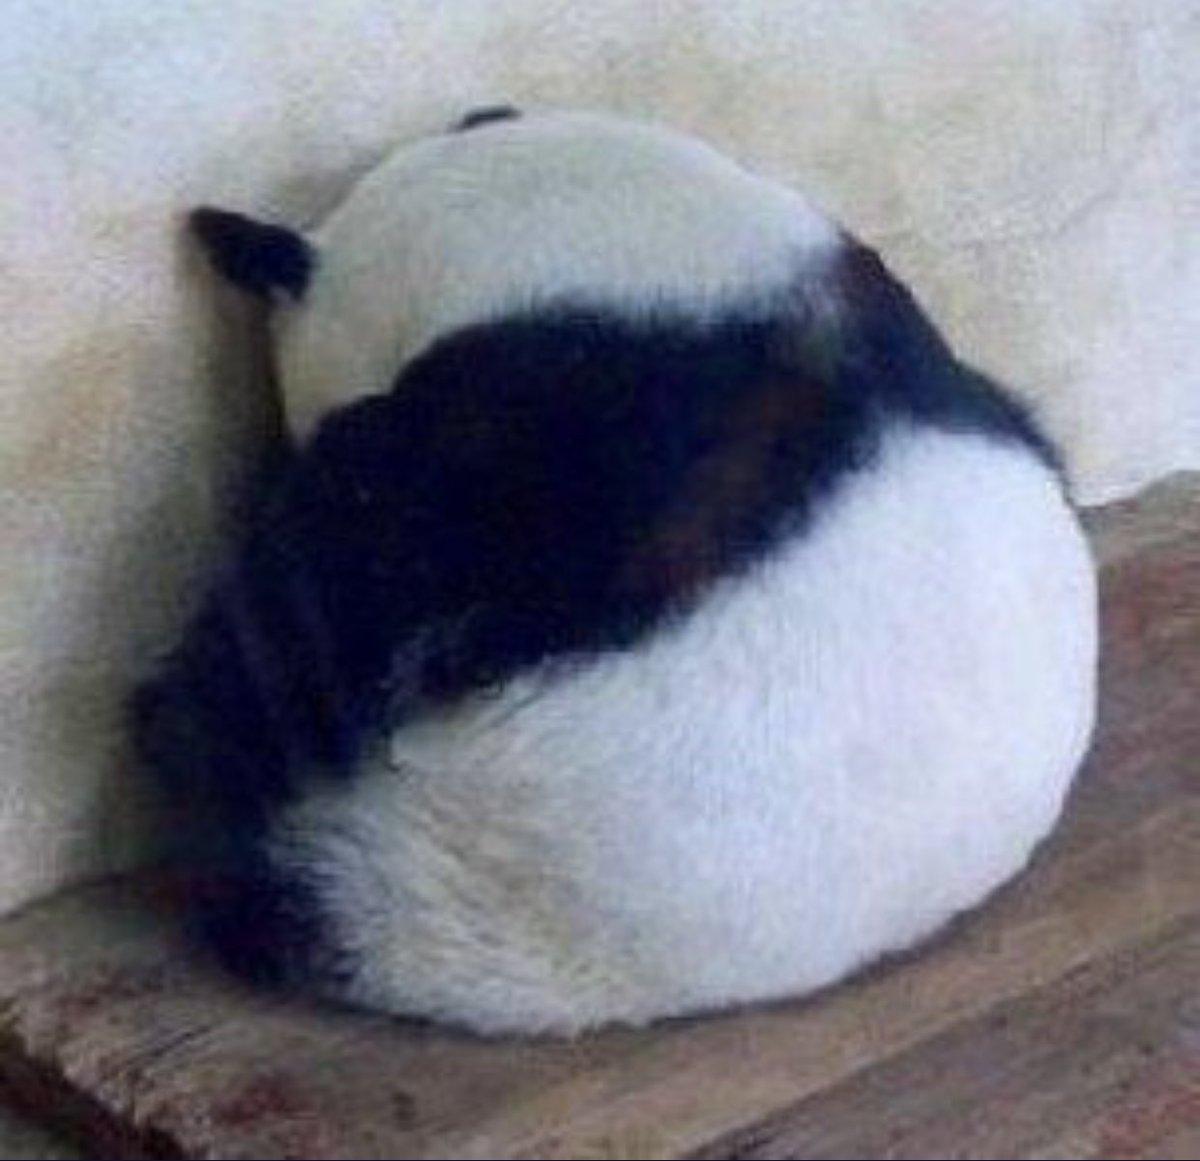 パンダの後ろ姿の可愛さを伝えたい!哀愁漂うこの背中を見て!